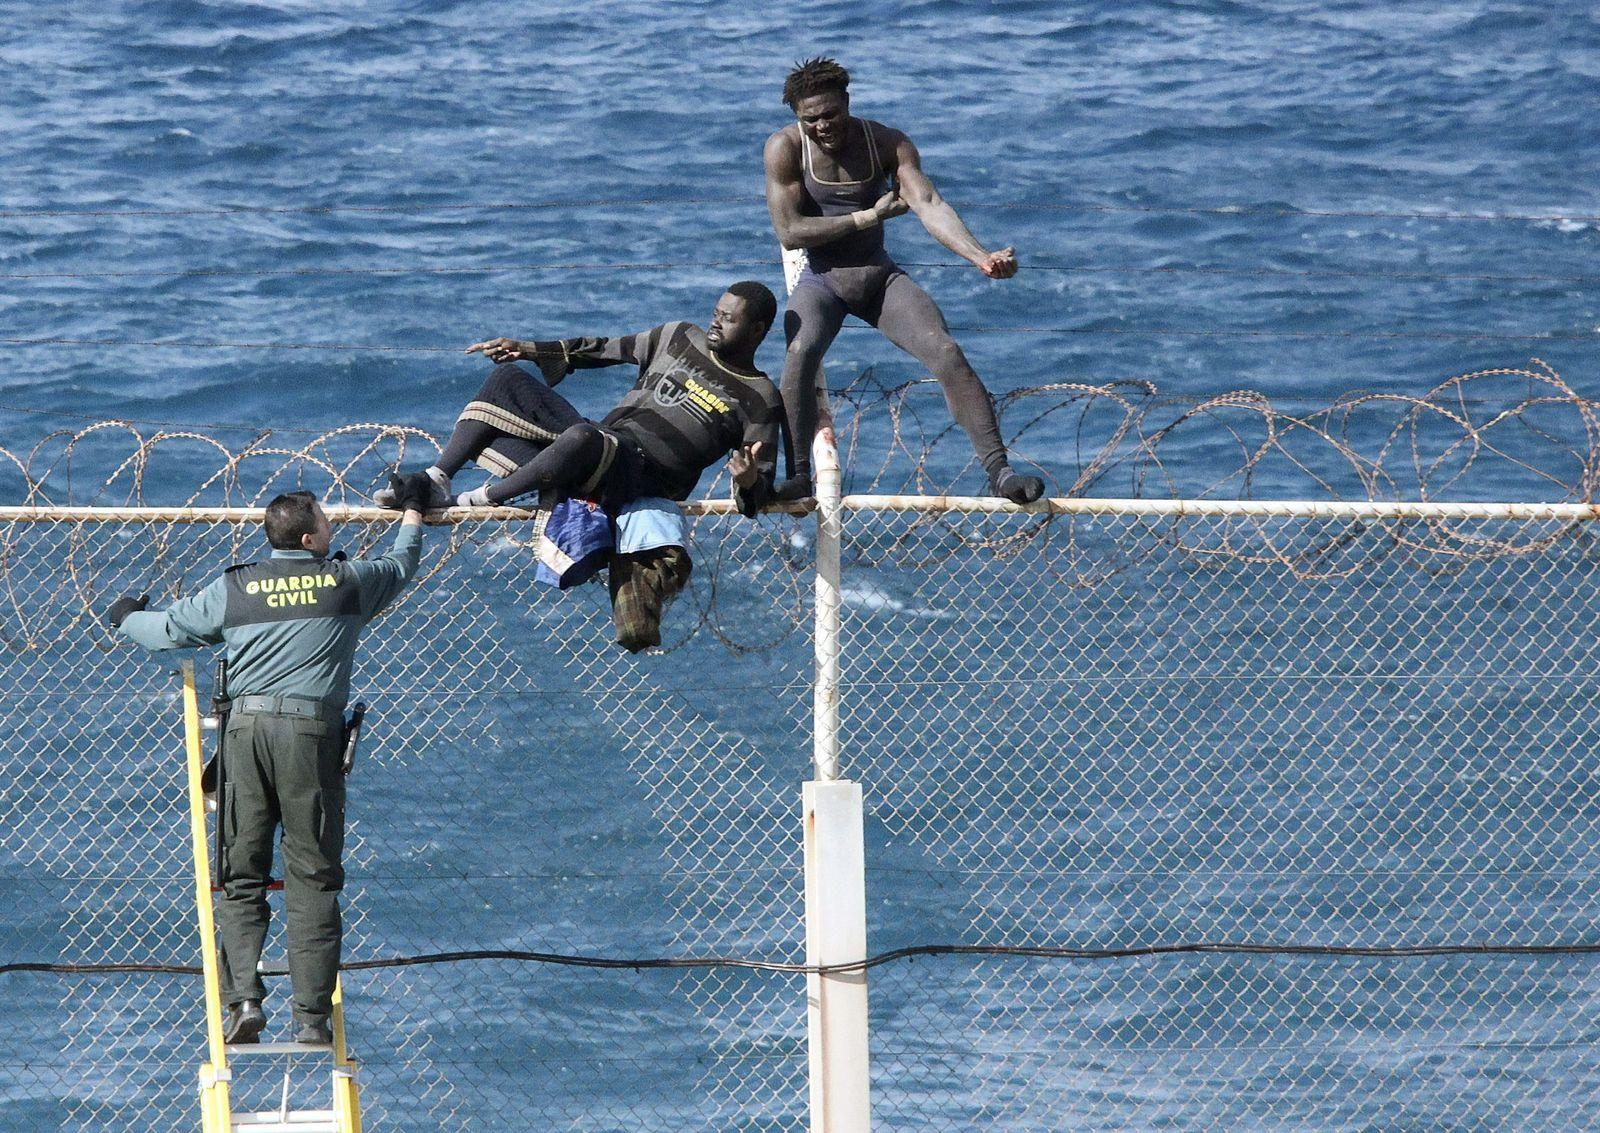 Grenze Ceuta / Afrikanische Odyssee